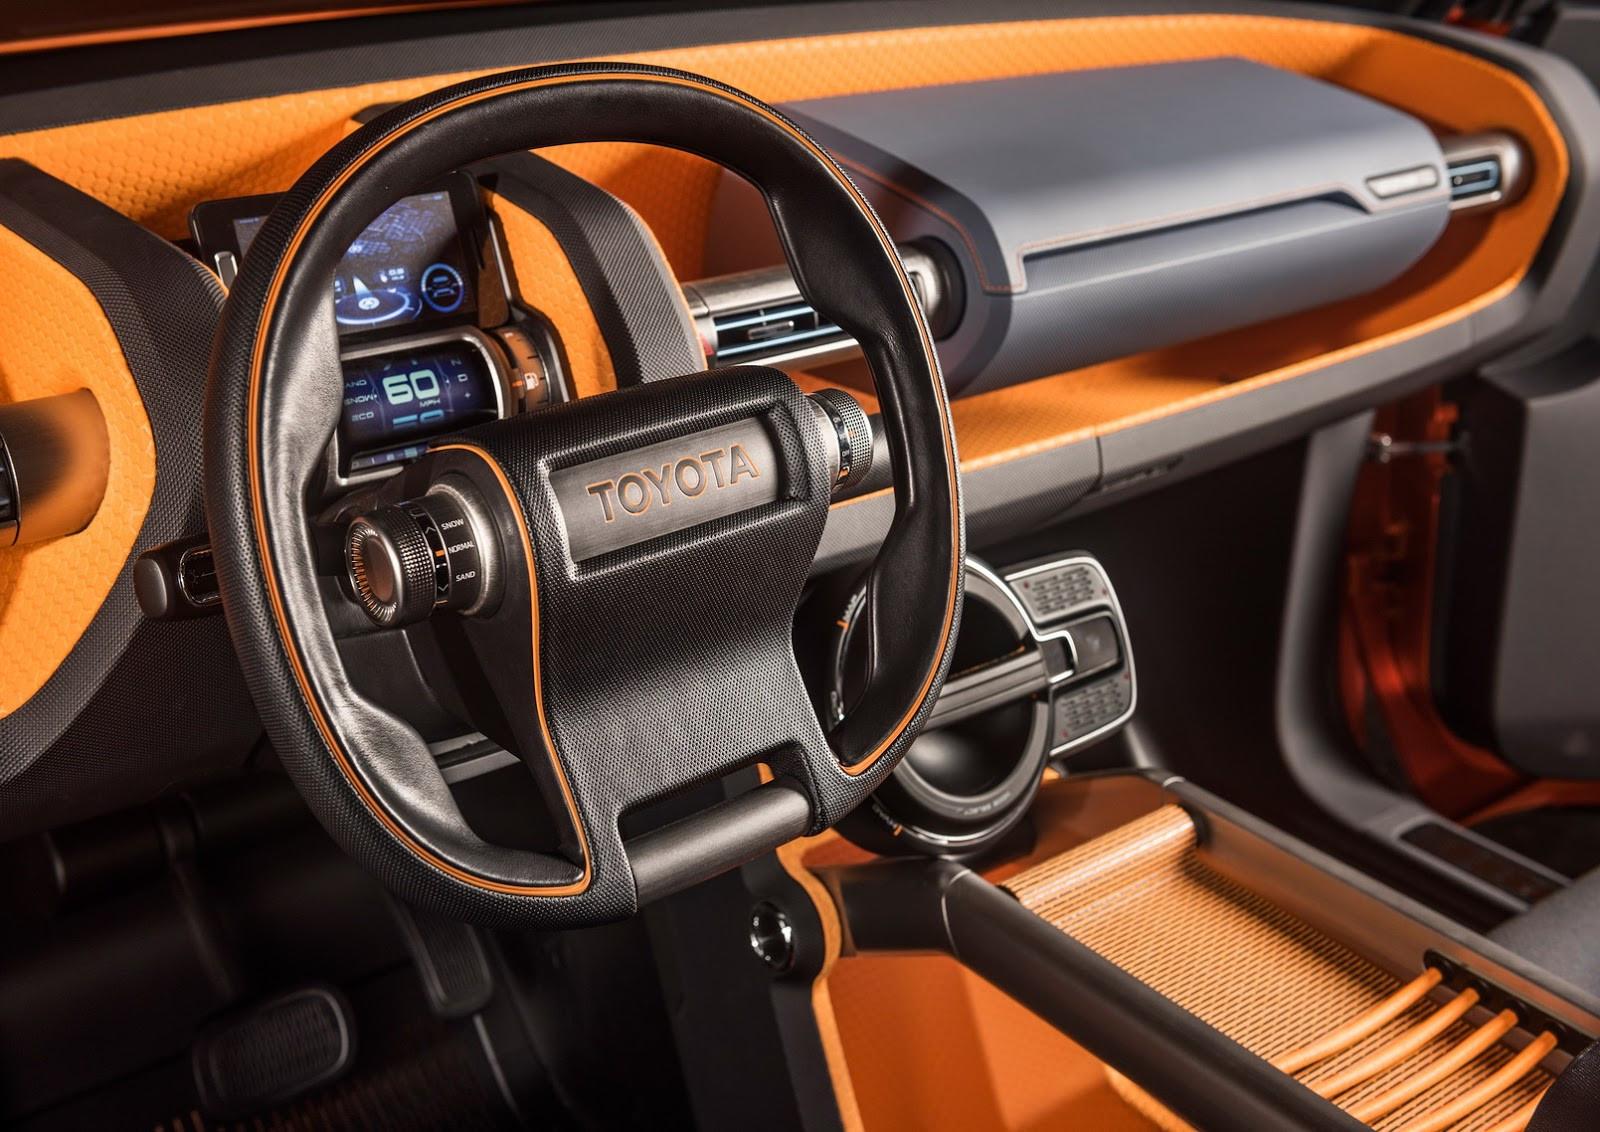 Тойота запатентовала название для нового вседорожника